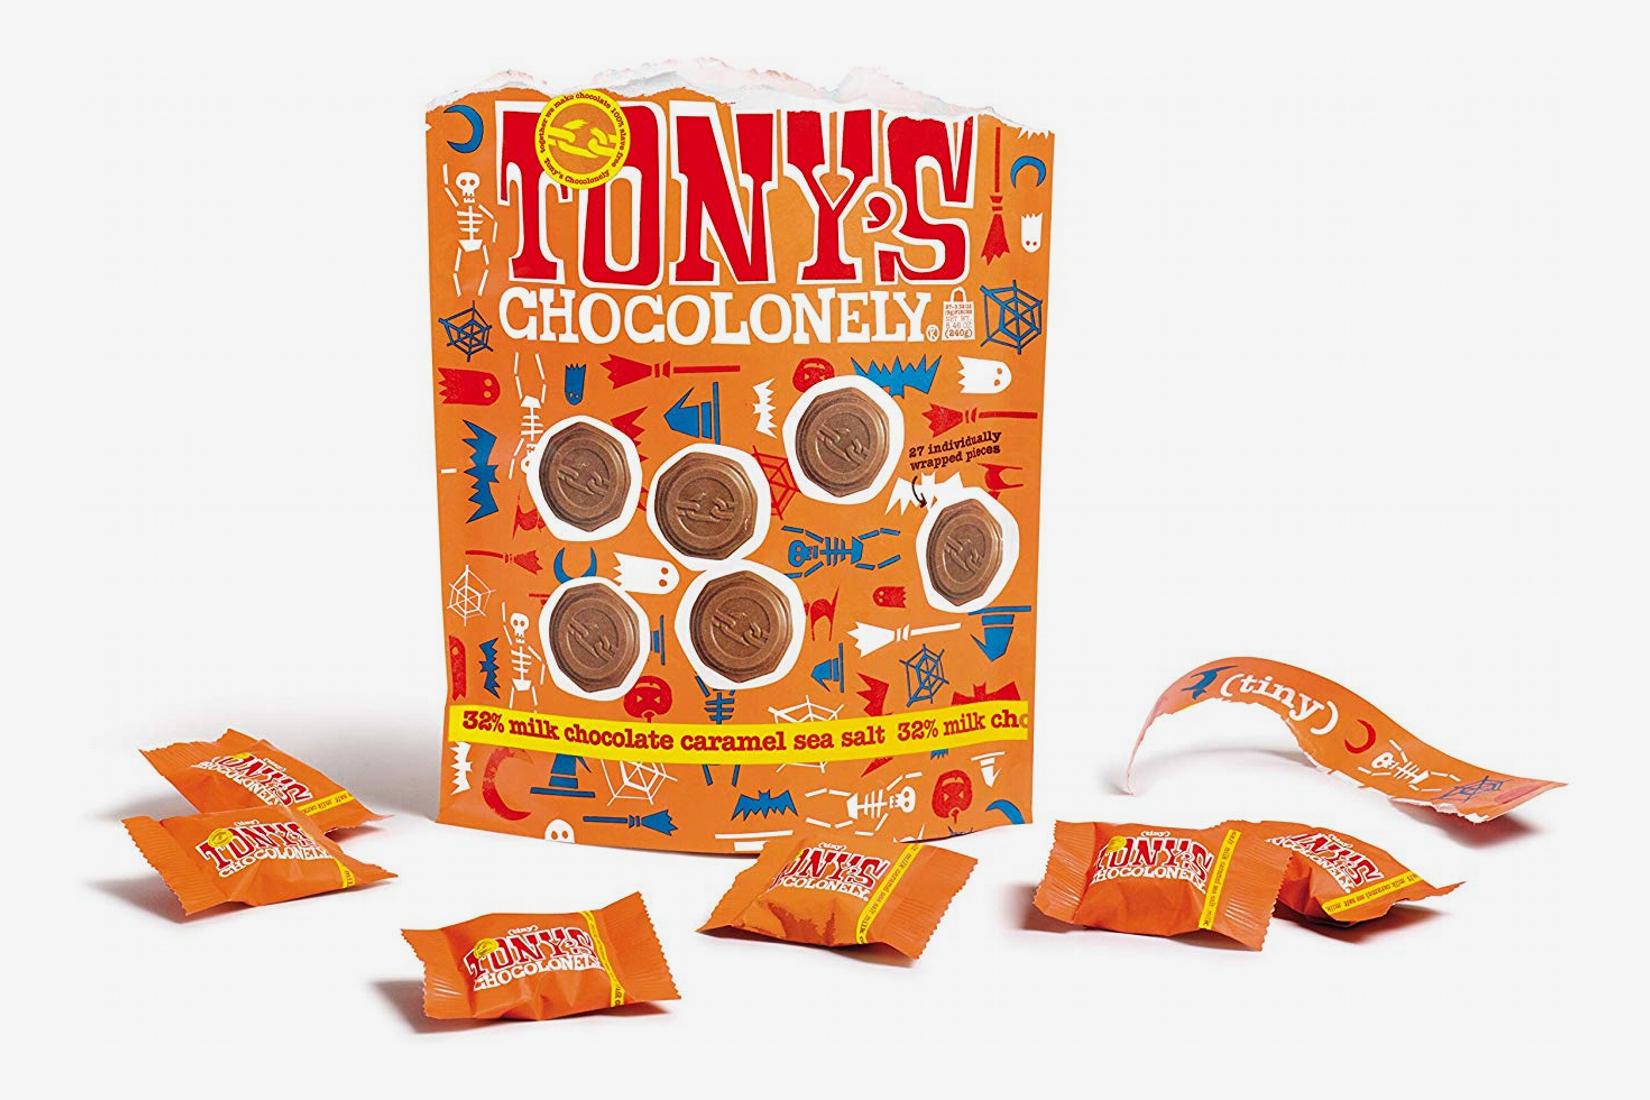 Tony's Chocolonely Tiny Tony's Halloween Milk Chocolate Sea Salt Caramel Bag